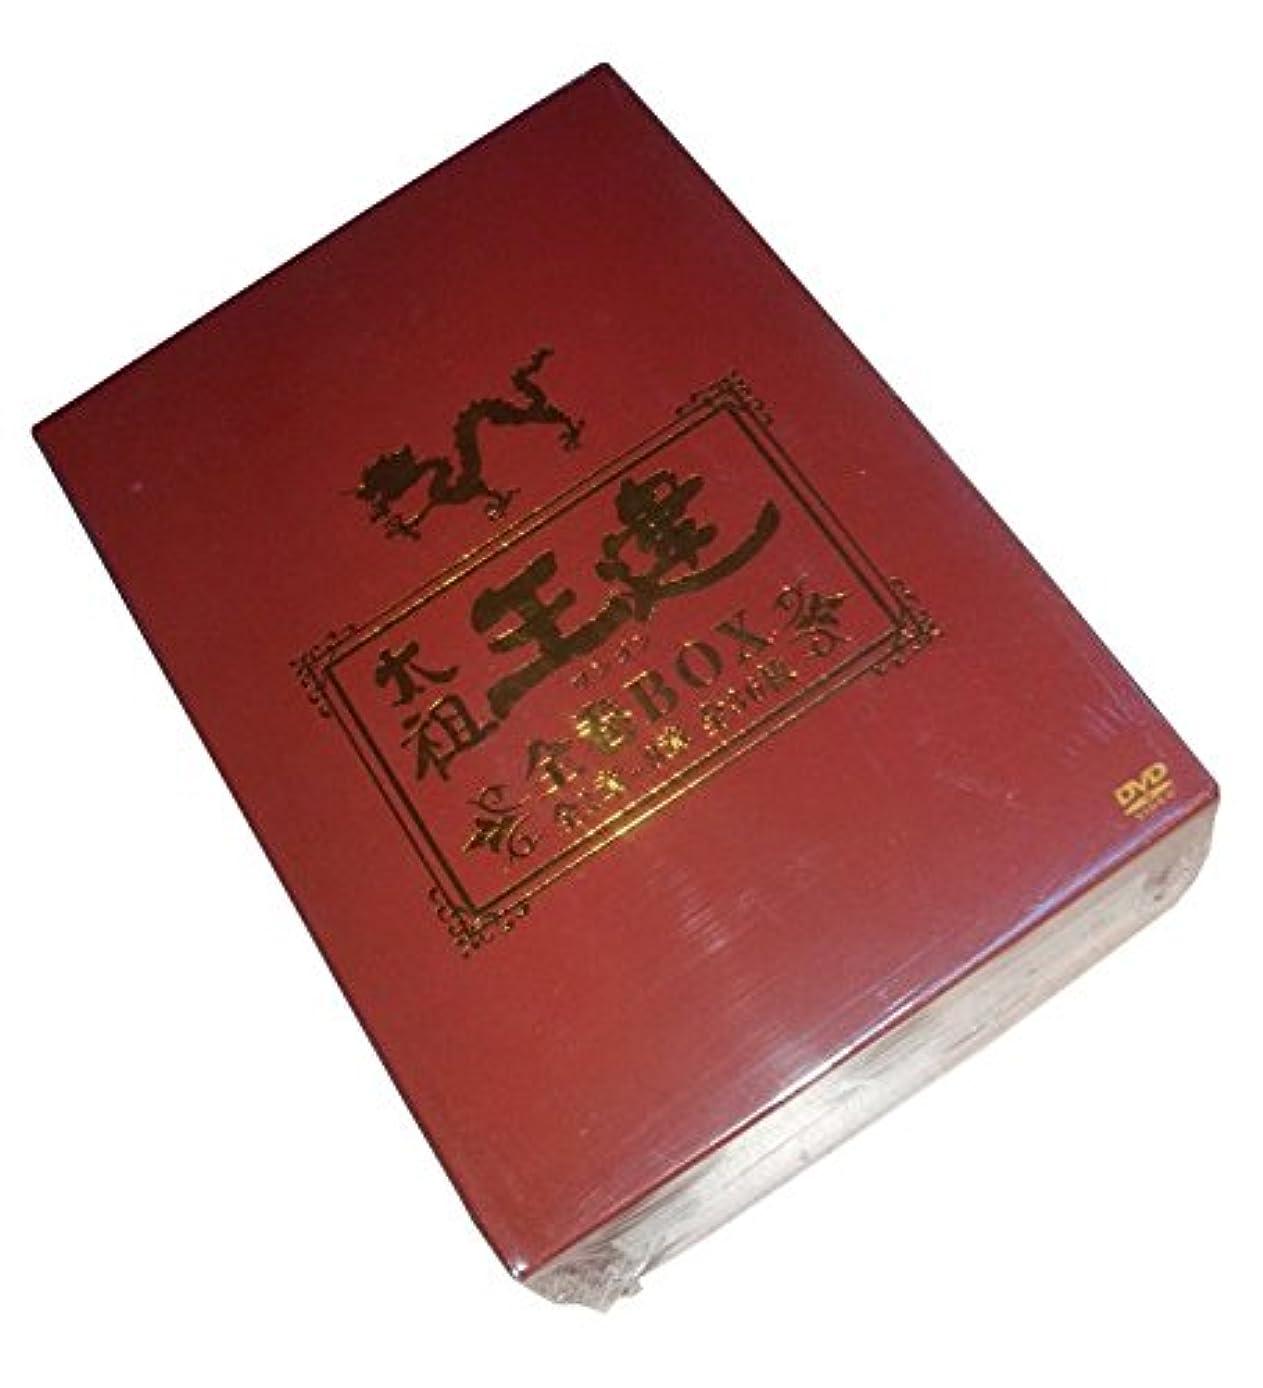 シンプトンピークペース太祖王建(ワンゴン) 全巻1~8 BOX 2010 主演: チェ?スジョン